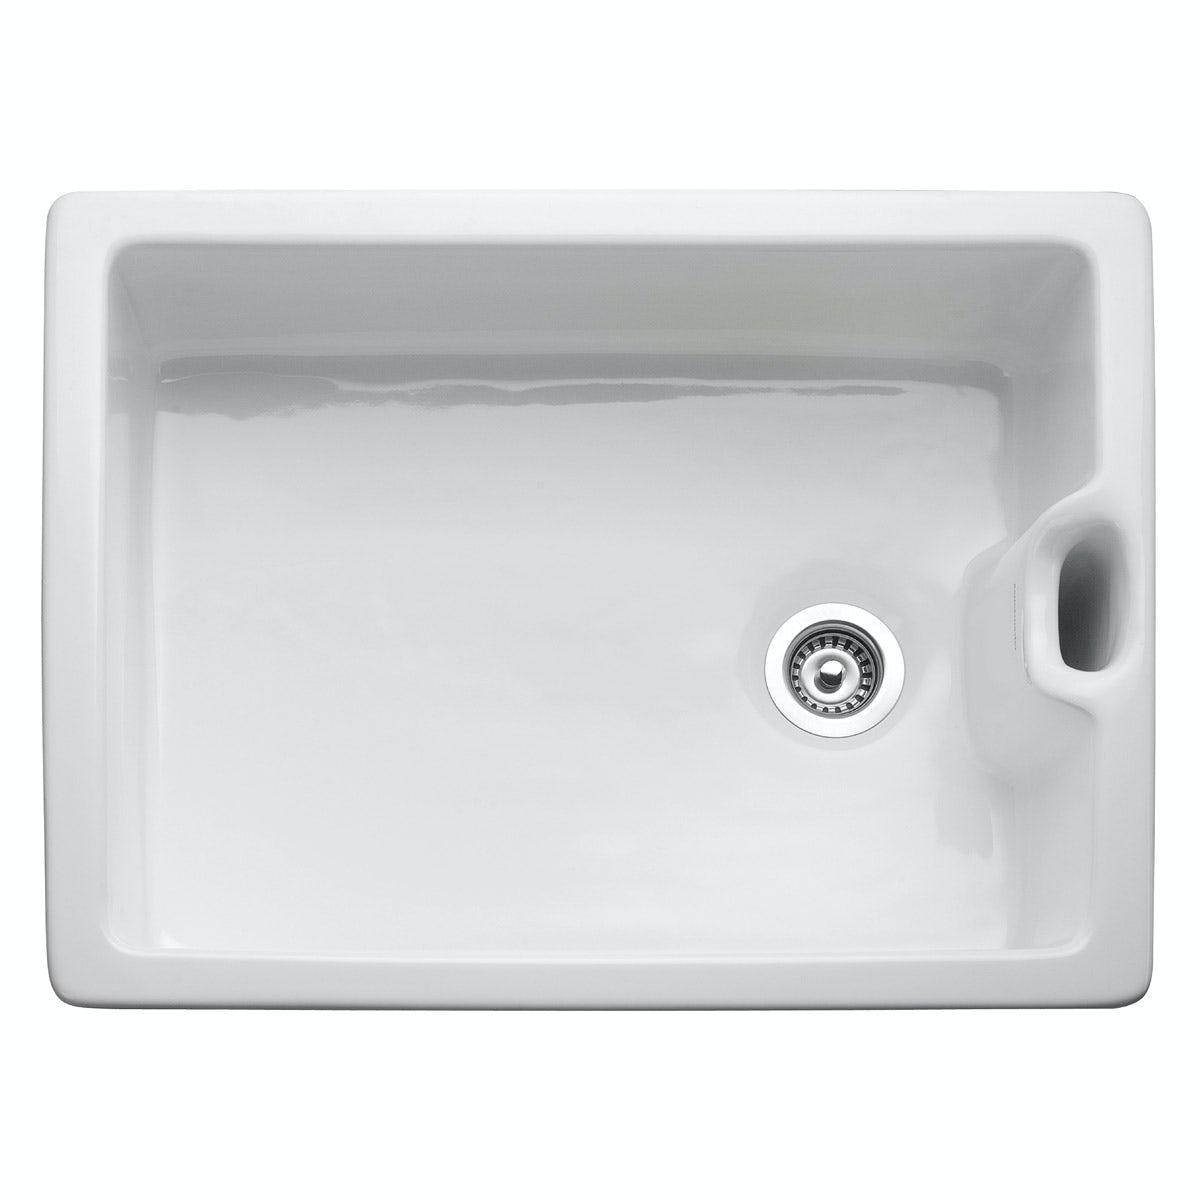 Rangemaster Classic Belfast 1.0 bowl ceramic kitchen sink